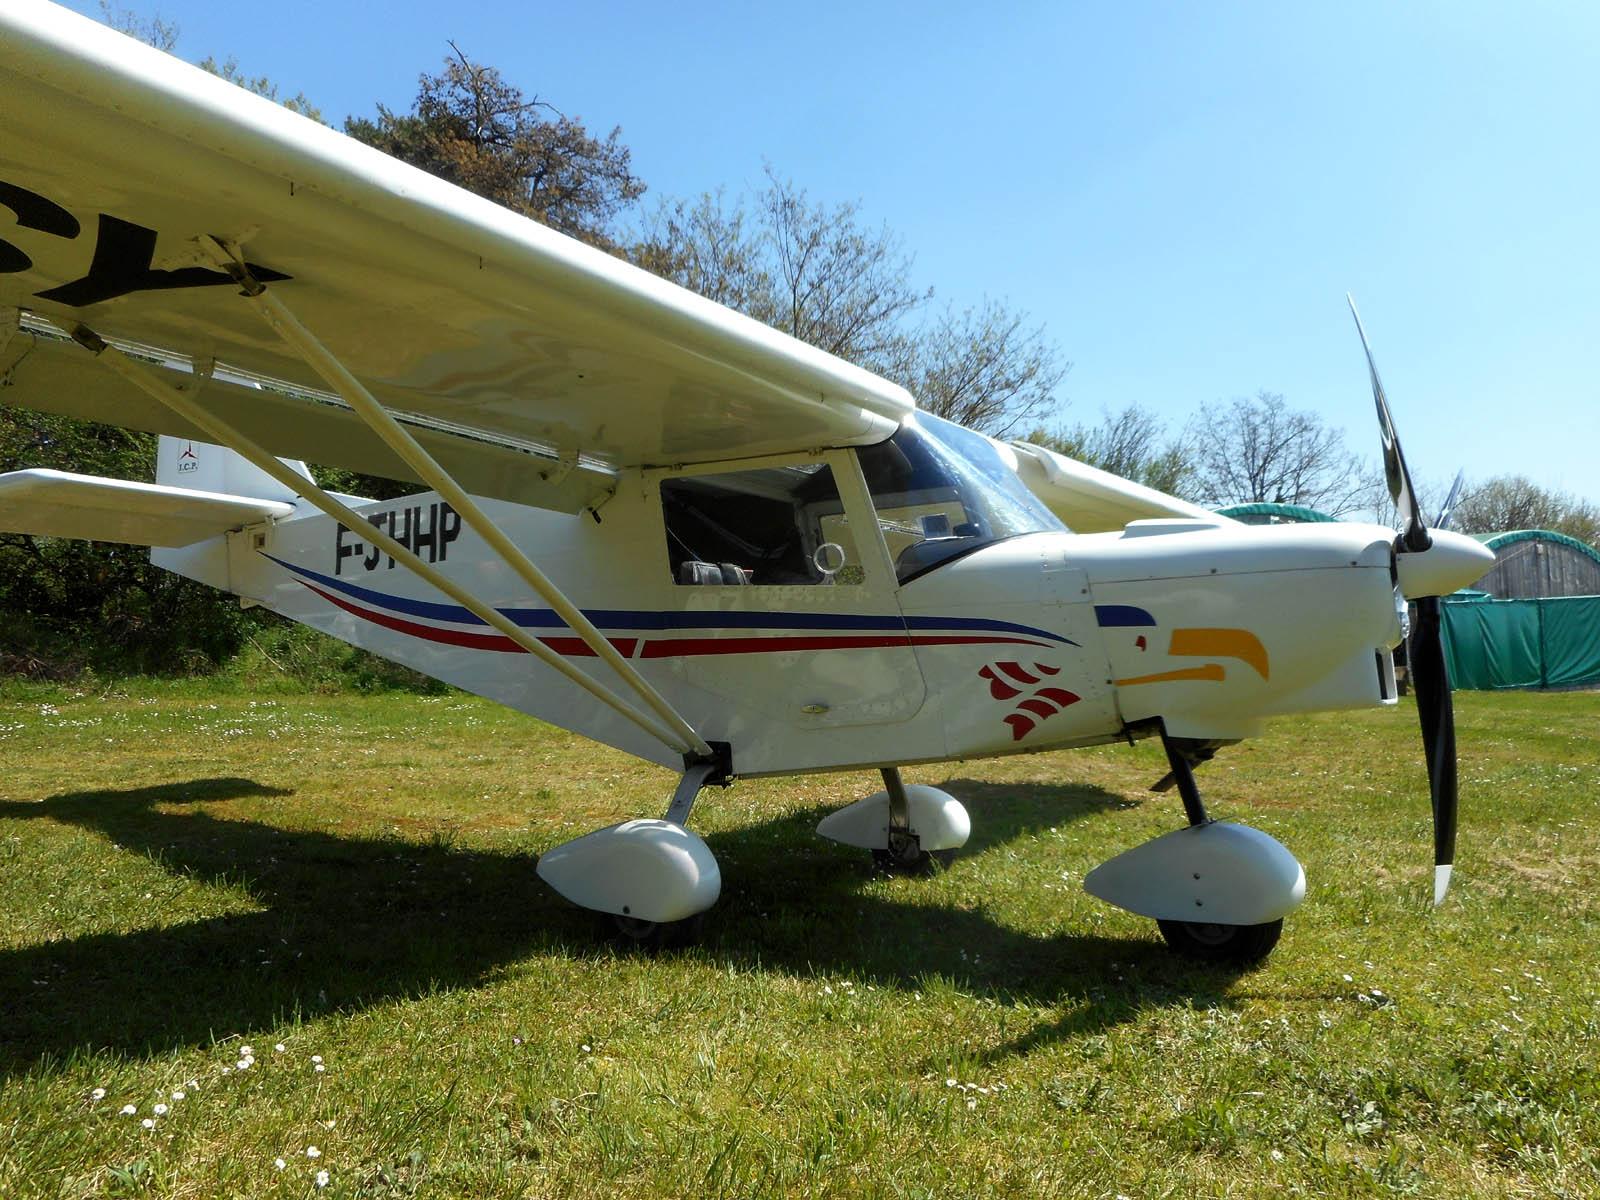 ICP Savannah MXP 740 Dordogne, France